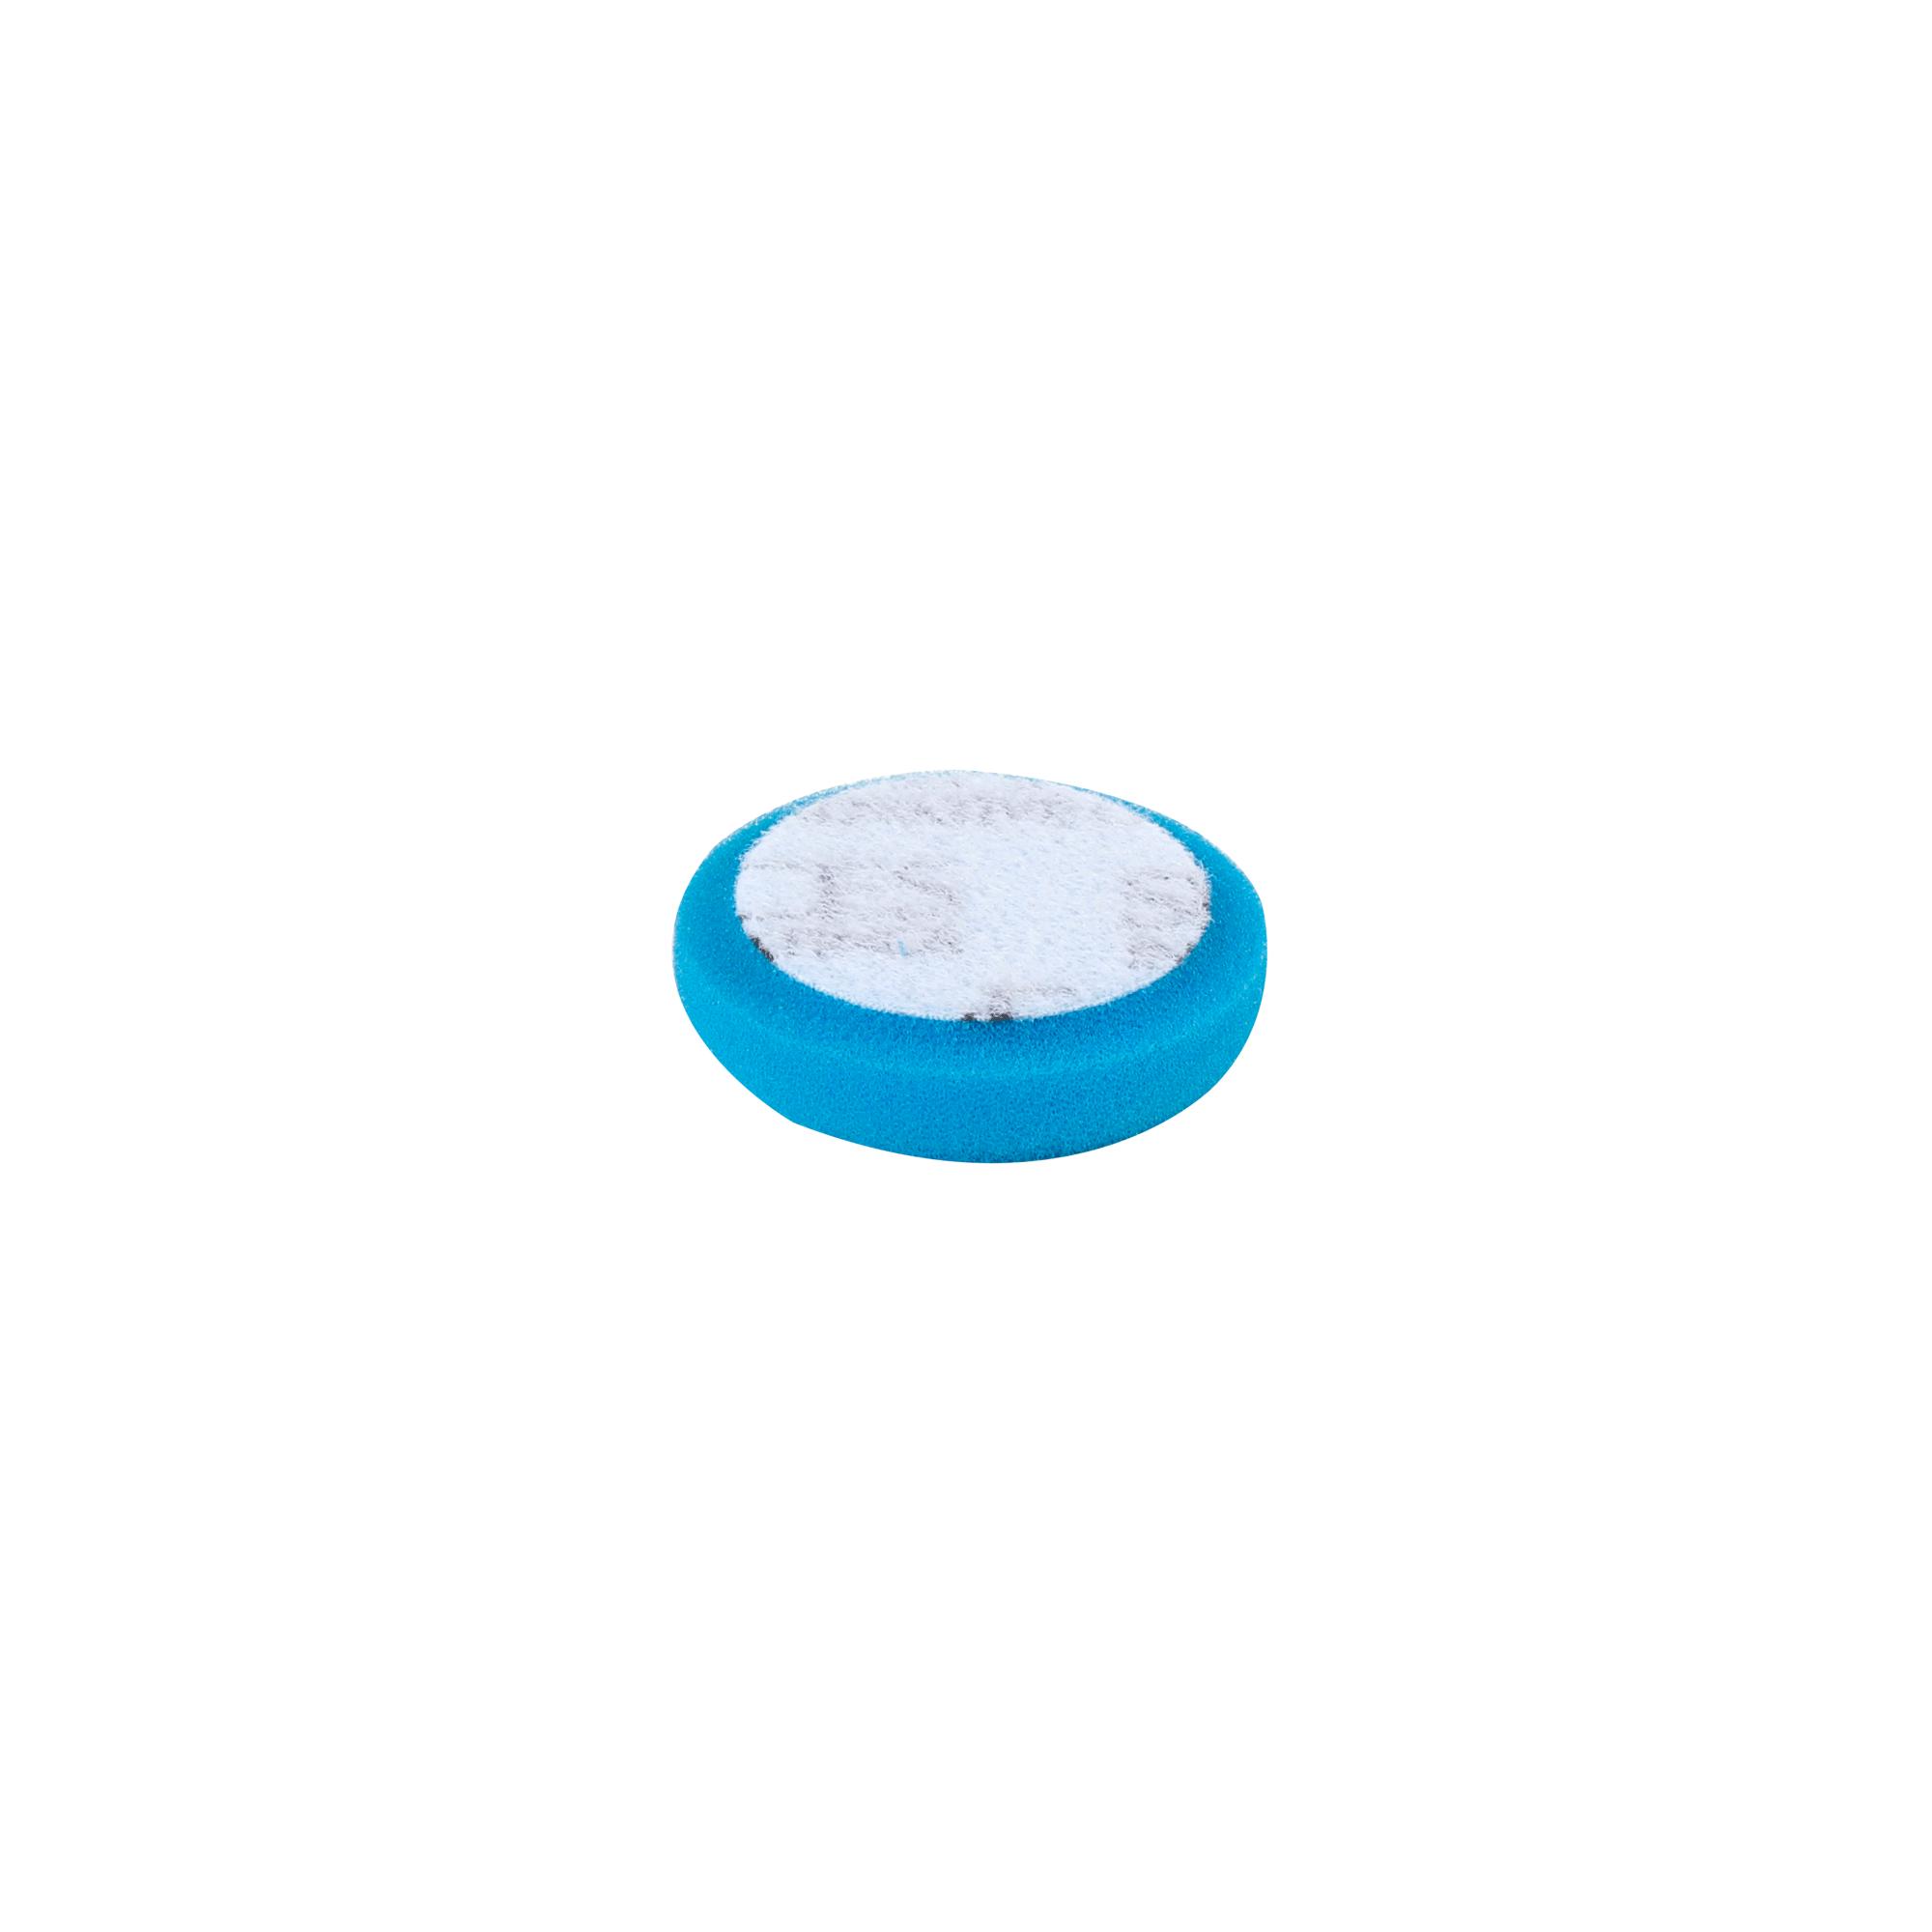 Polierschwamm RT / V3 (blau-medium, offenzellig) 2 Stk.